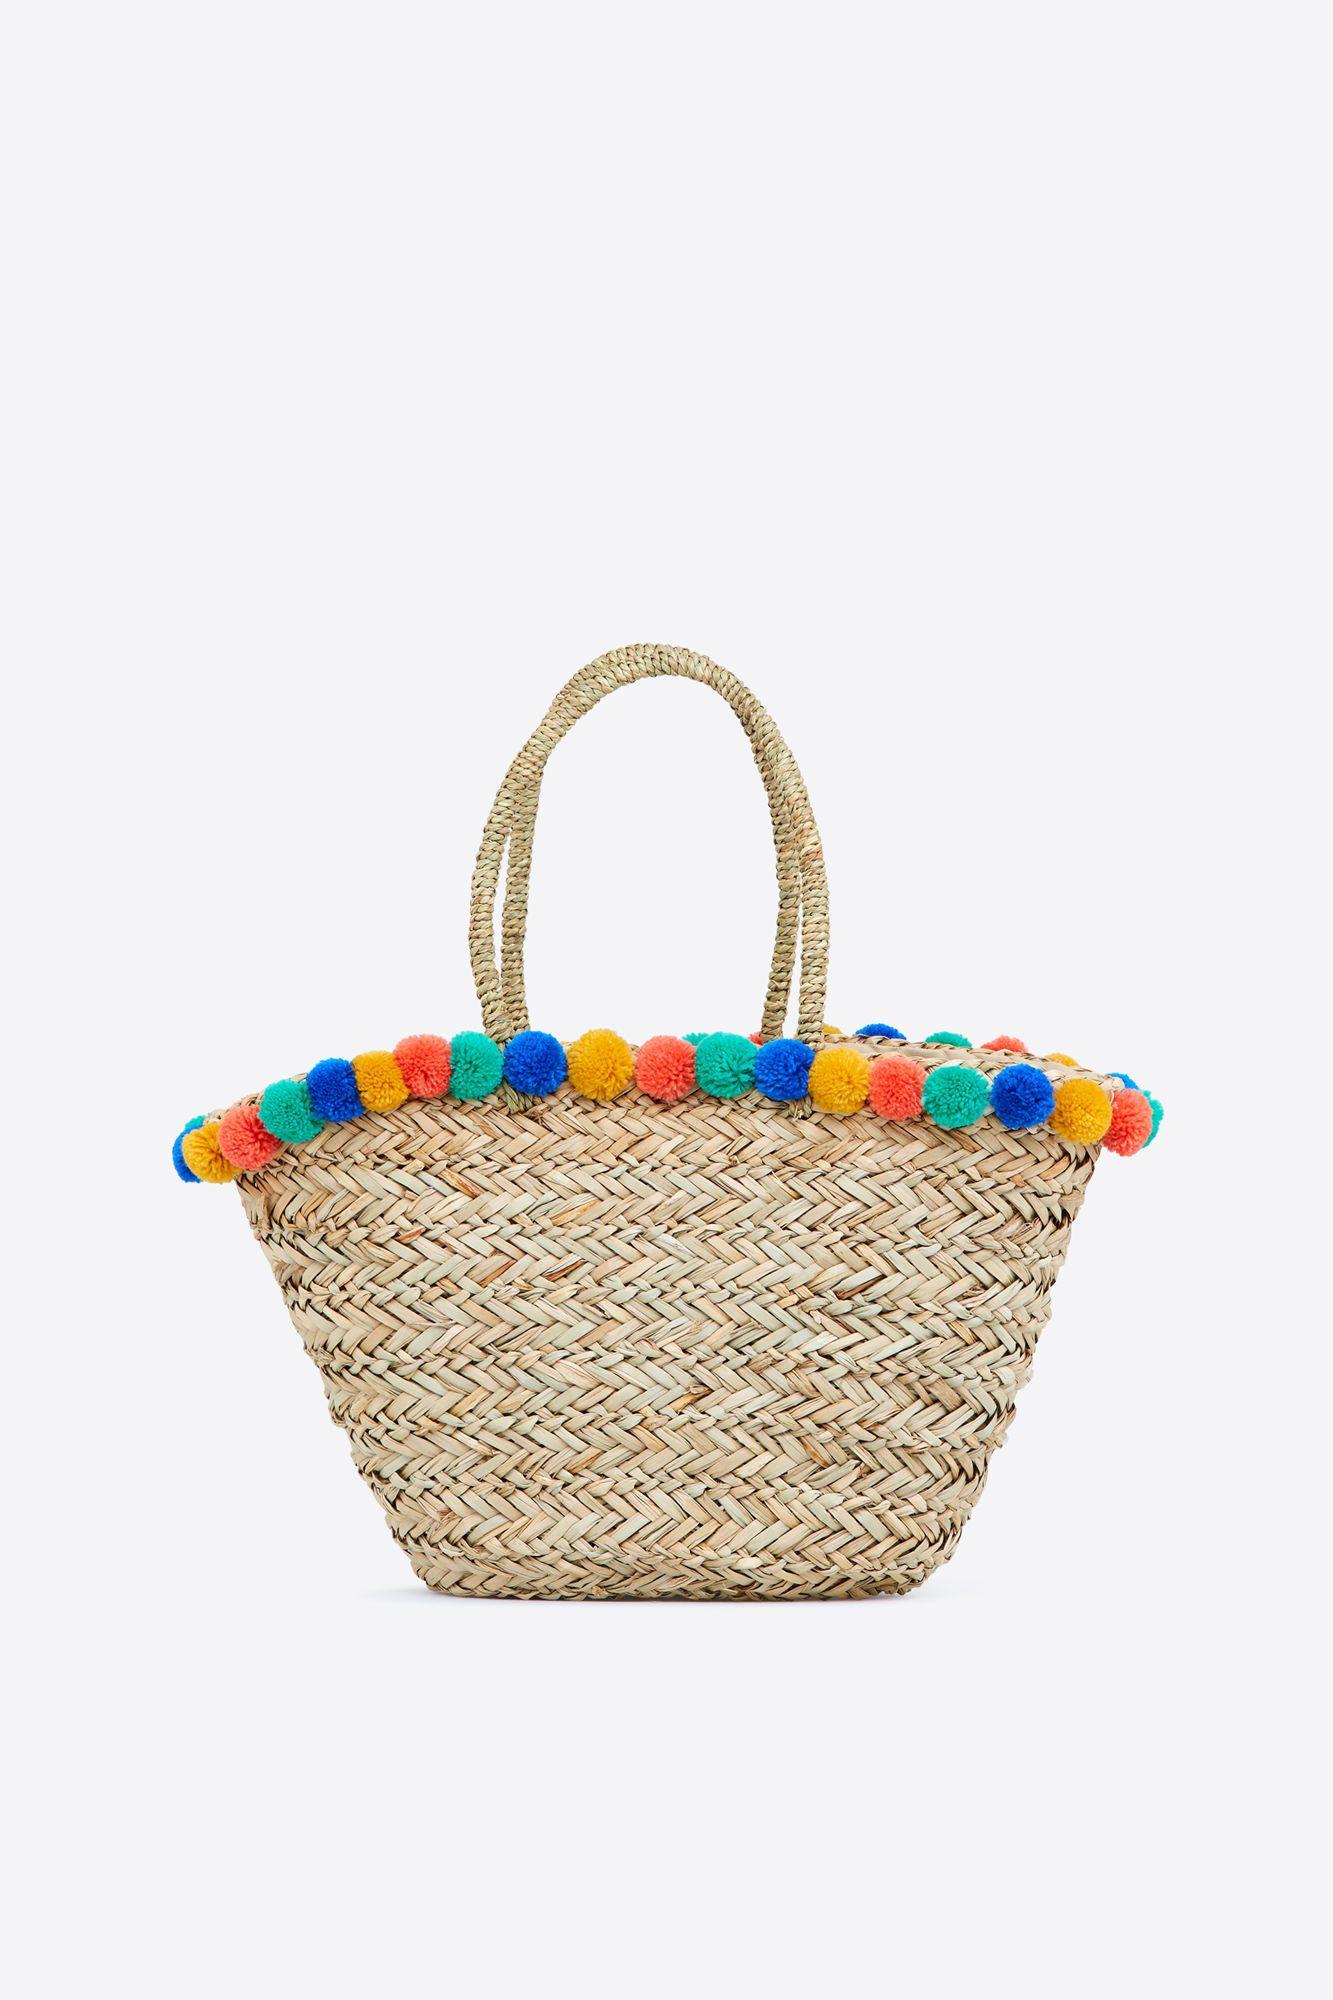 f424b4ba85b Bolso estilo canasto de playa con borlas decorativas. El complemento  perfecto para los días de playa.